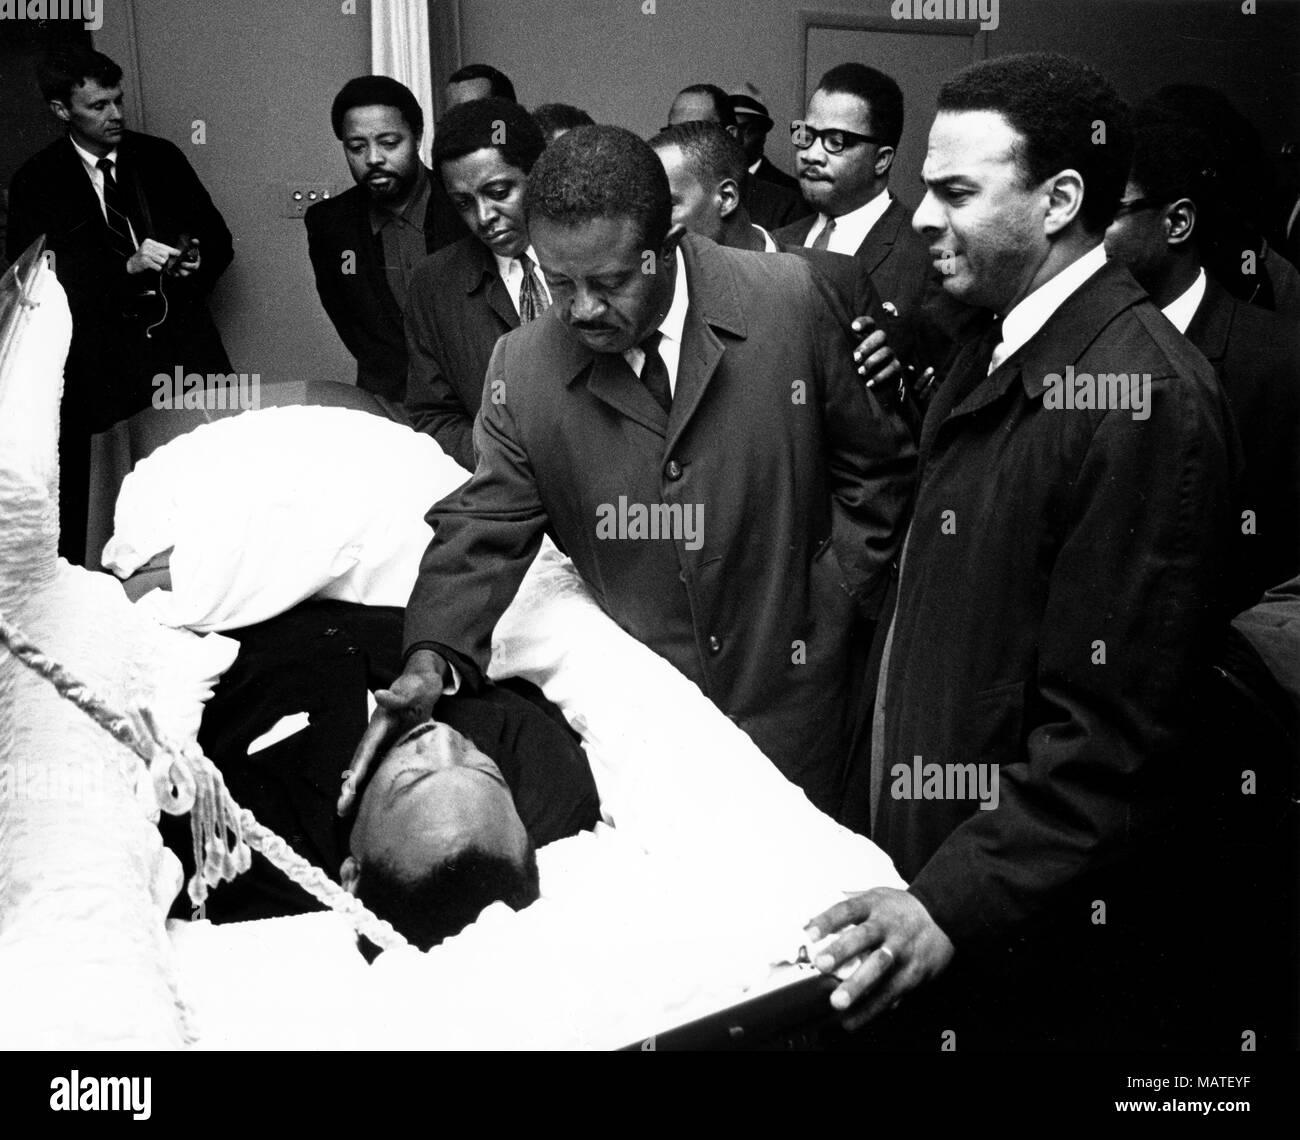 4 aprile 2018 - file - Il Reverendo Martin Luther King Jr. è stato fatalmente di colpo da J. Earl Ray a 6:01 p.m., 4 aprile 1968, come egli si fermò sul secondo piano balcone del Lorraine Hotel a Memphis, Tennessee. Nella foto: 9 aprile 1968 - Atlanta, GA, Stati Uniti - Martin Luther King Jr i funerali di Atlanta. Nella foto: persone in lutto si riuniscono intorno a dire addio al funerale.(Immagine di credito: © Keystone Press Agency/Keystone USA via ZUMAPRESS.com) Foto Stock